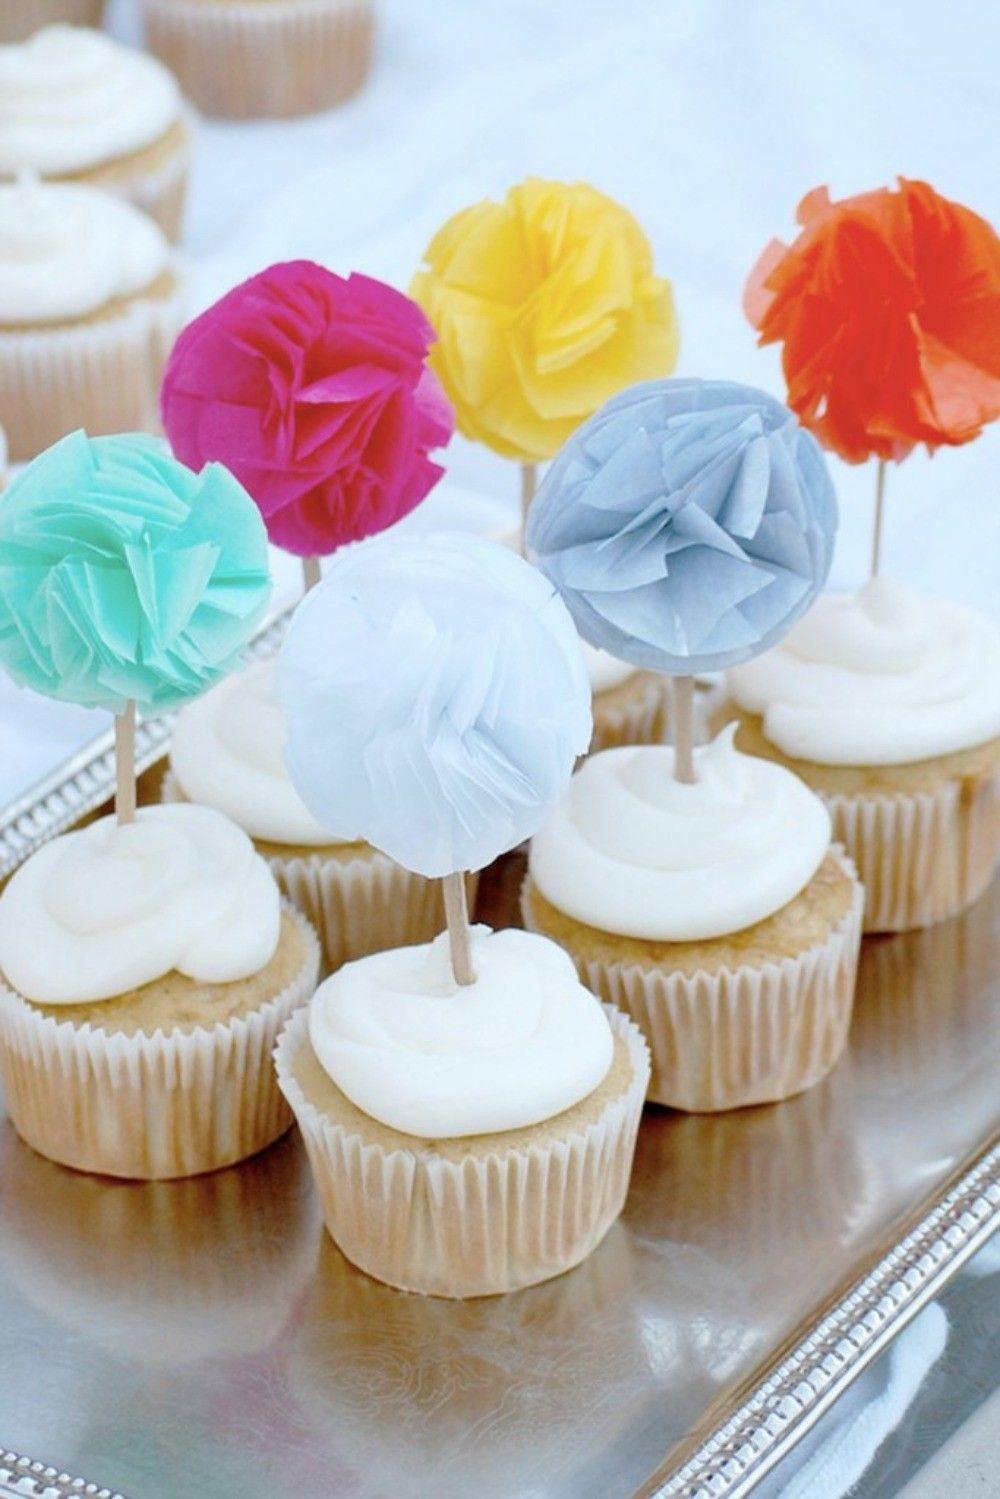 Cupcake Toppers  b i r t h d a y g I r l  Pinterest  Tissue